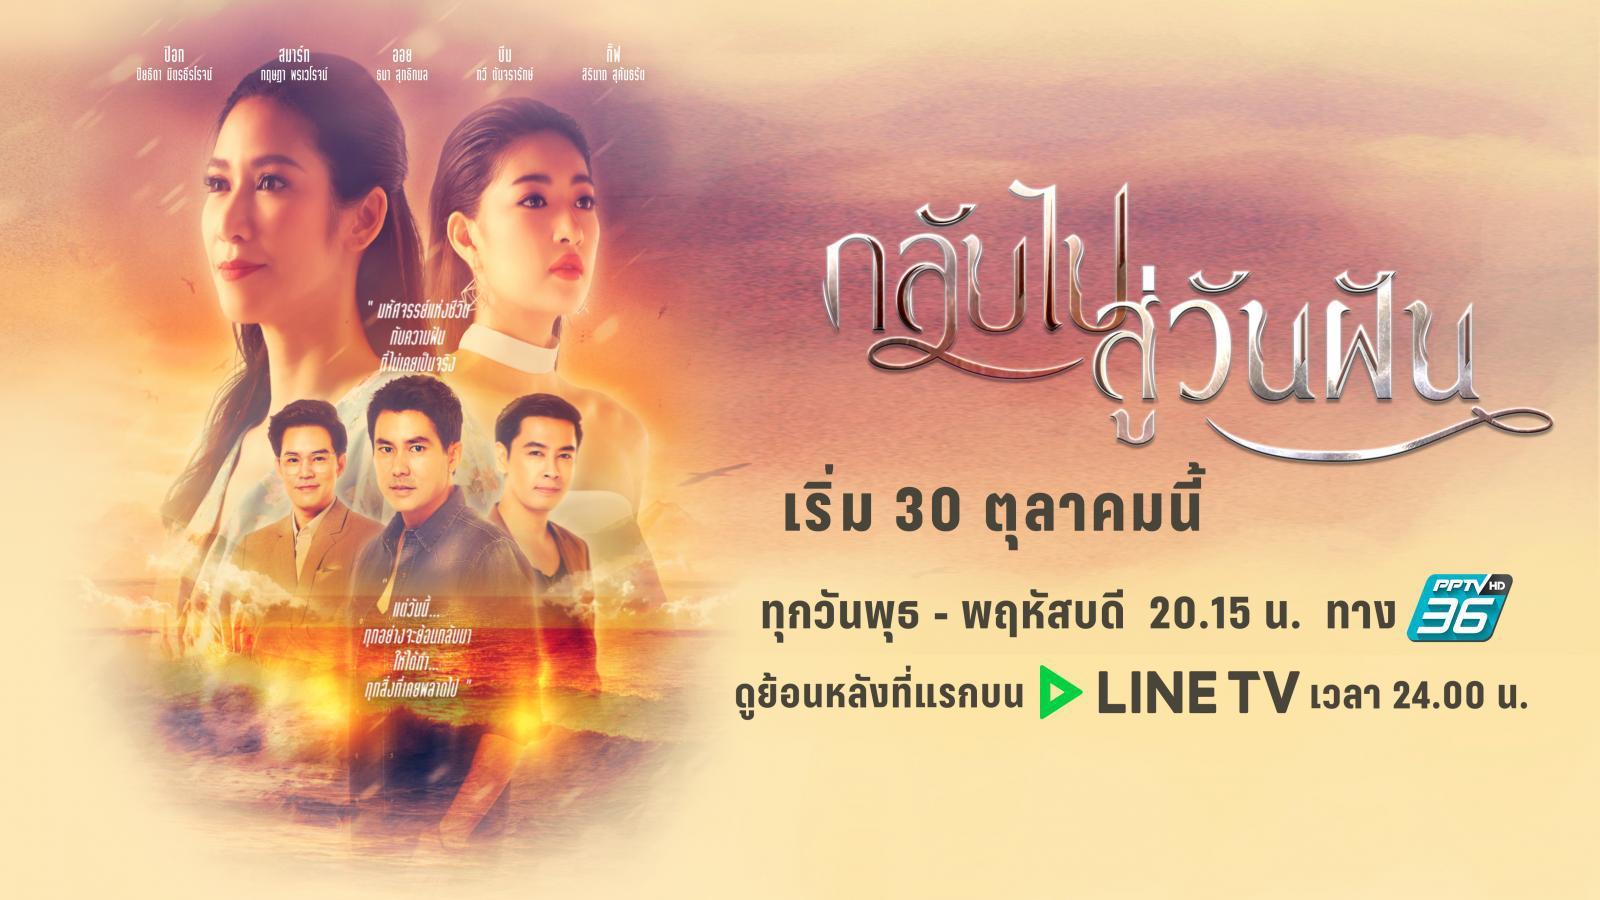 กลับไปสู่วันฝัน [Official Trailer] | เริ่ม 30 ตุลาคมนี้ เวลา 20.15 น. | ละครช่อง PPTV HD 36